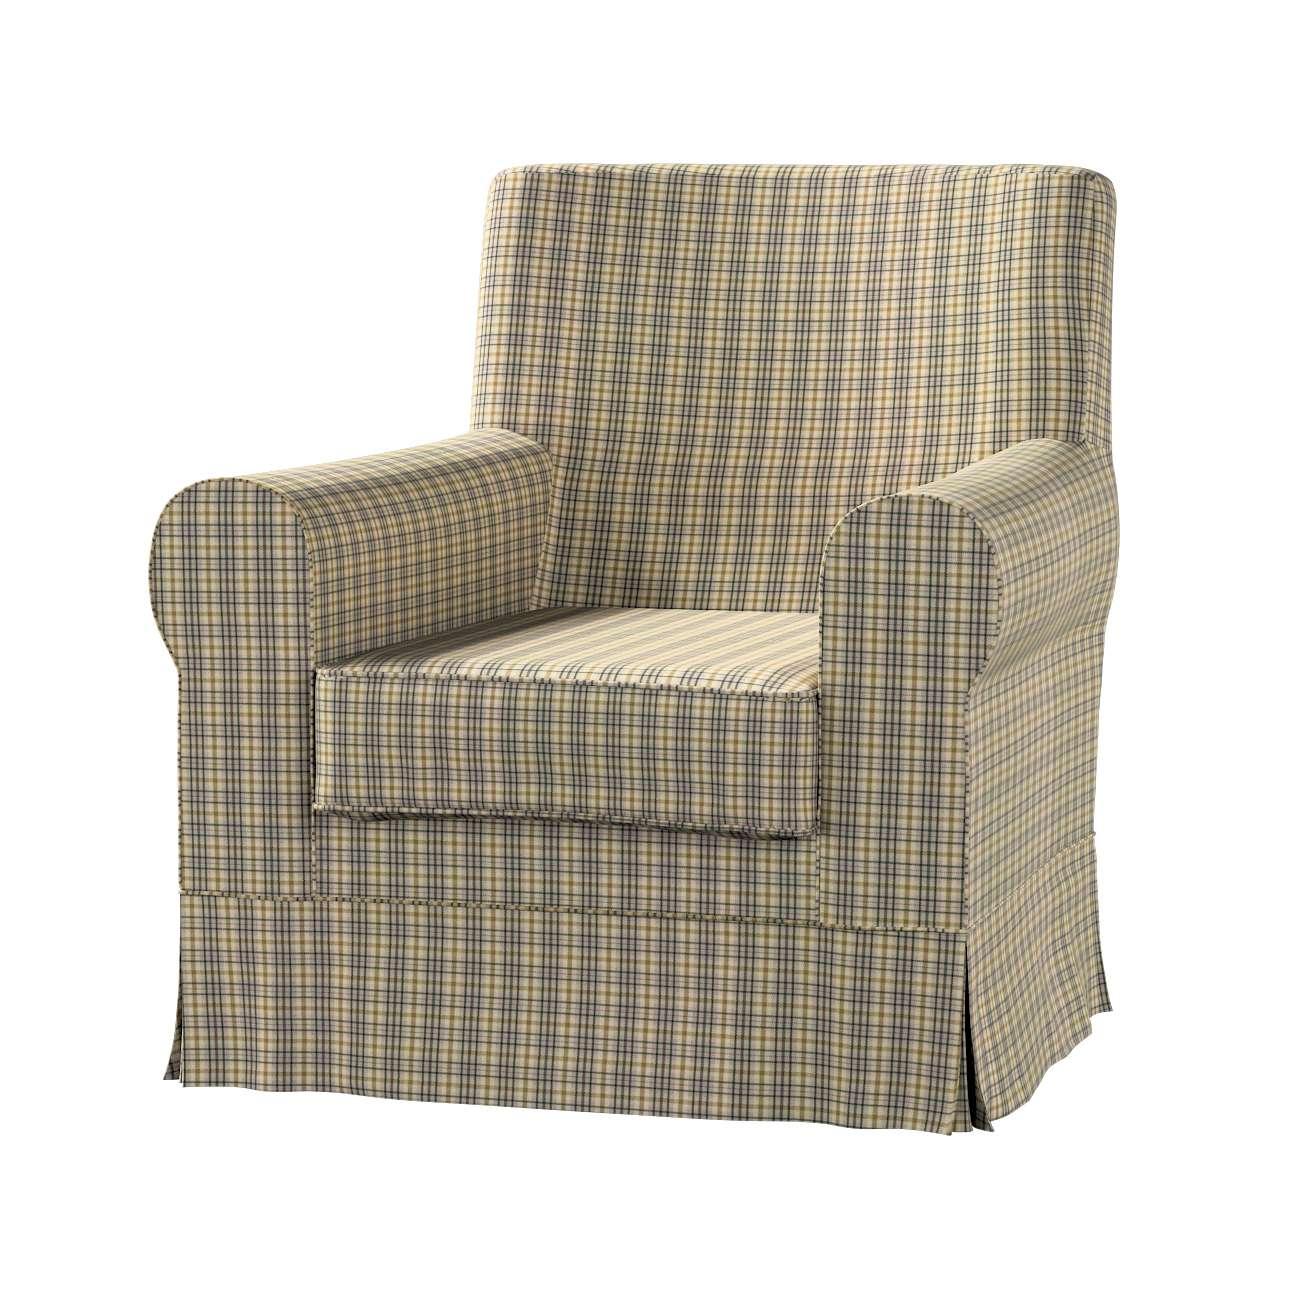 Pokrowiec na fotel Ektorp Jennylund w kolekcji Londres, tkanina: 143-39